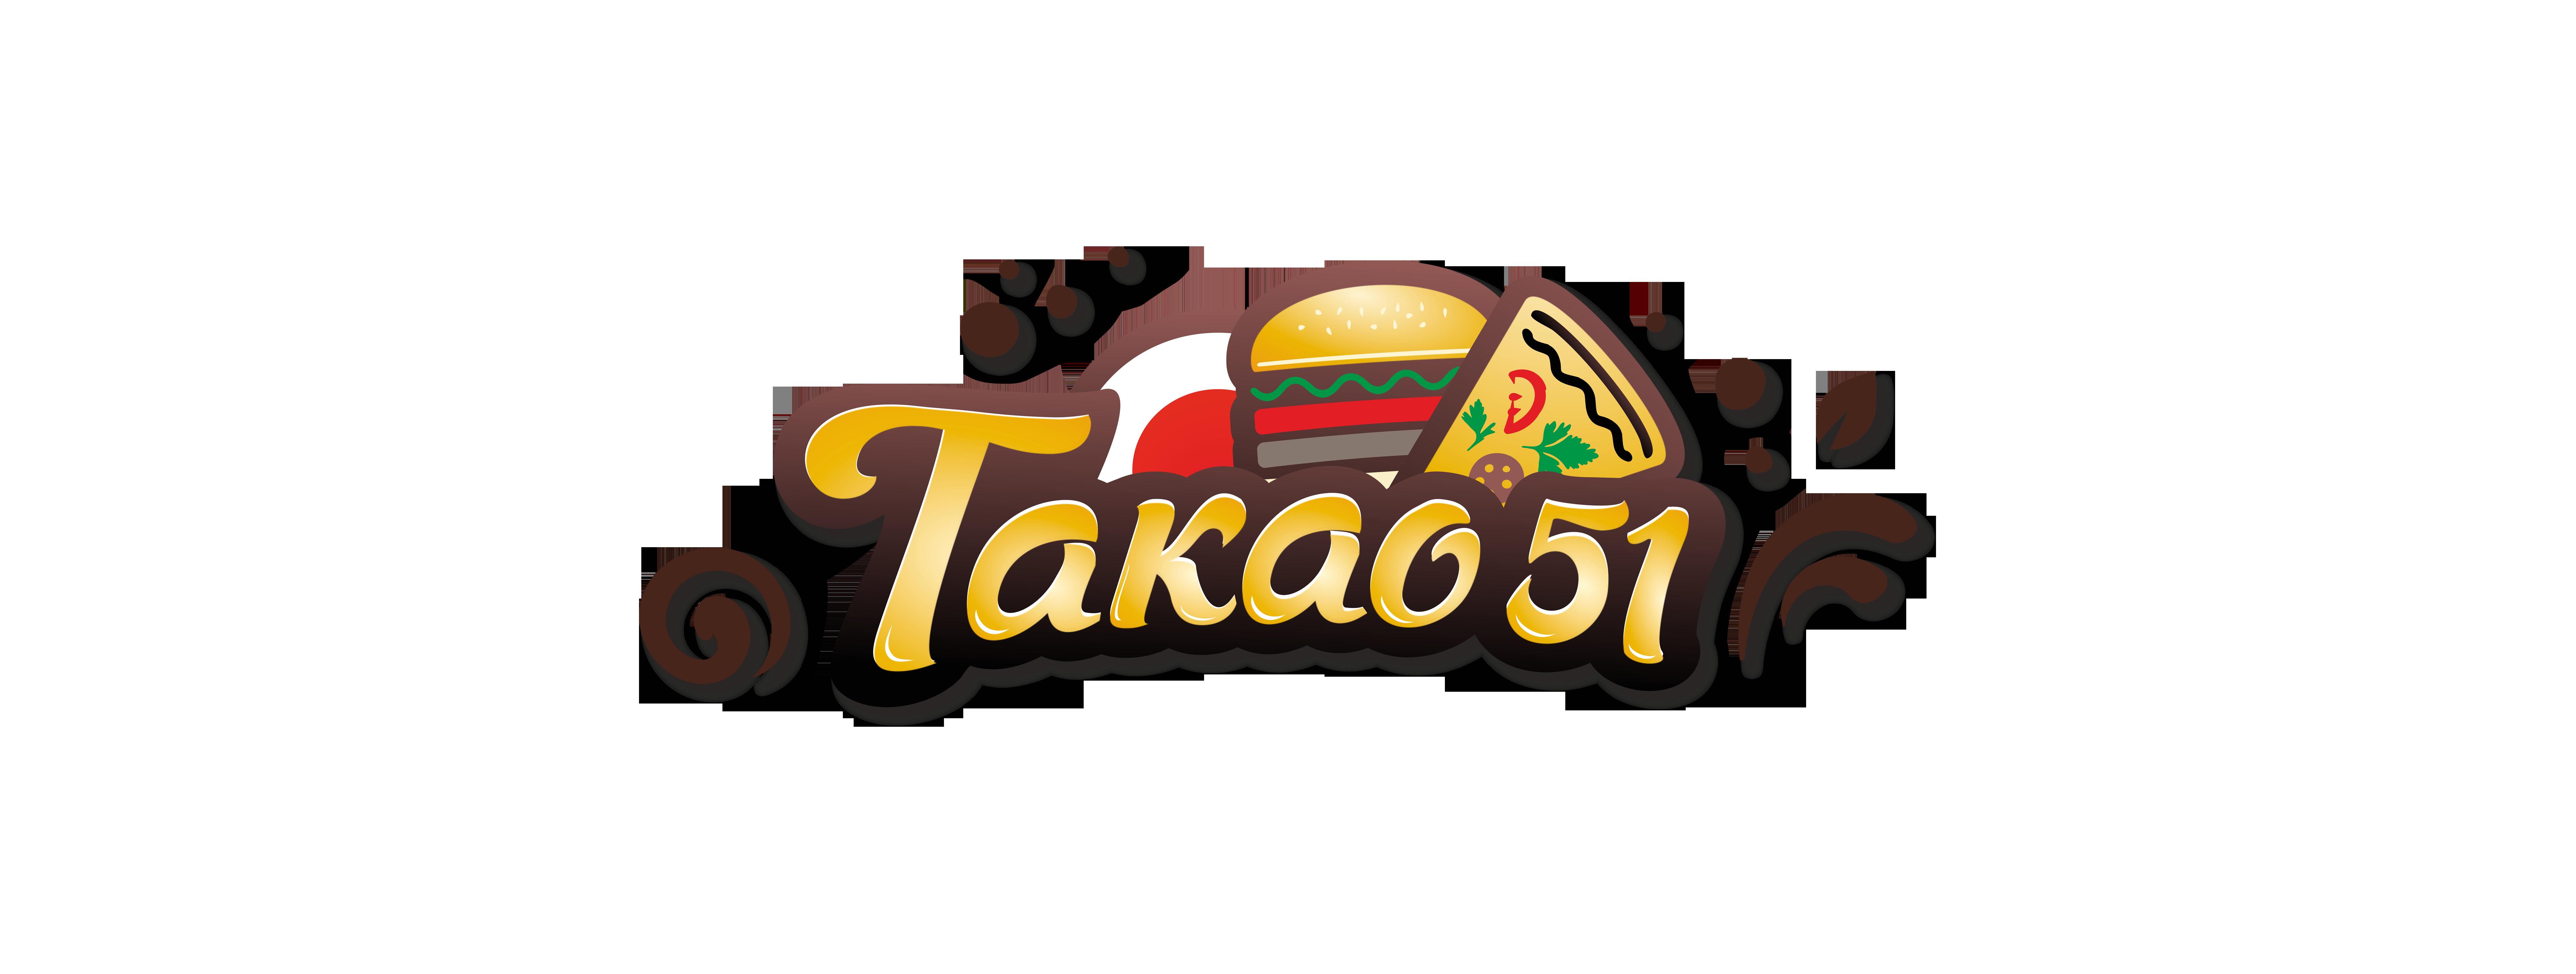 ТАКАО 51